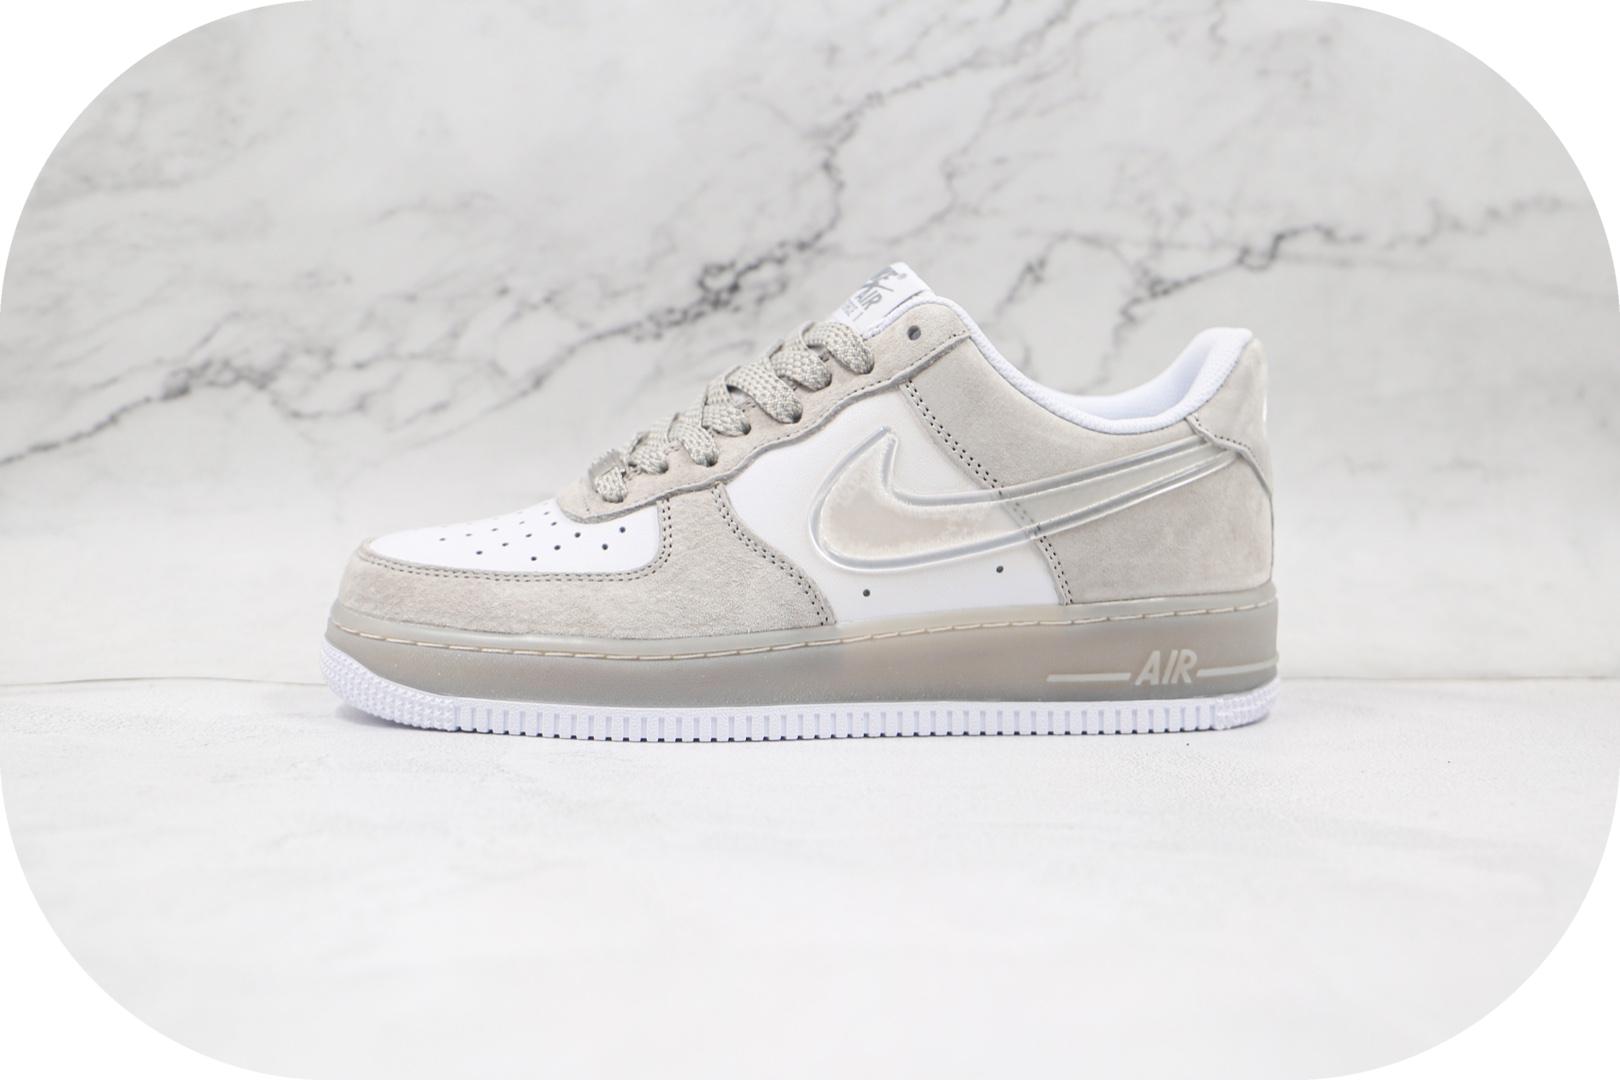 耐克Nike Air Force 1 07纯原版本低帮空军一号灰白熊猫果冻勾板鞋内置气垫 货号:CN1228-003